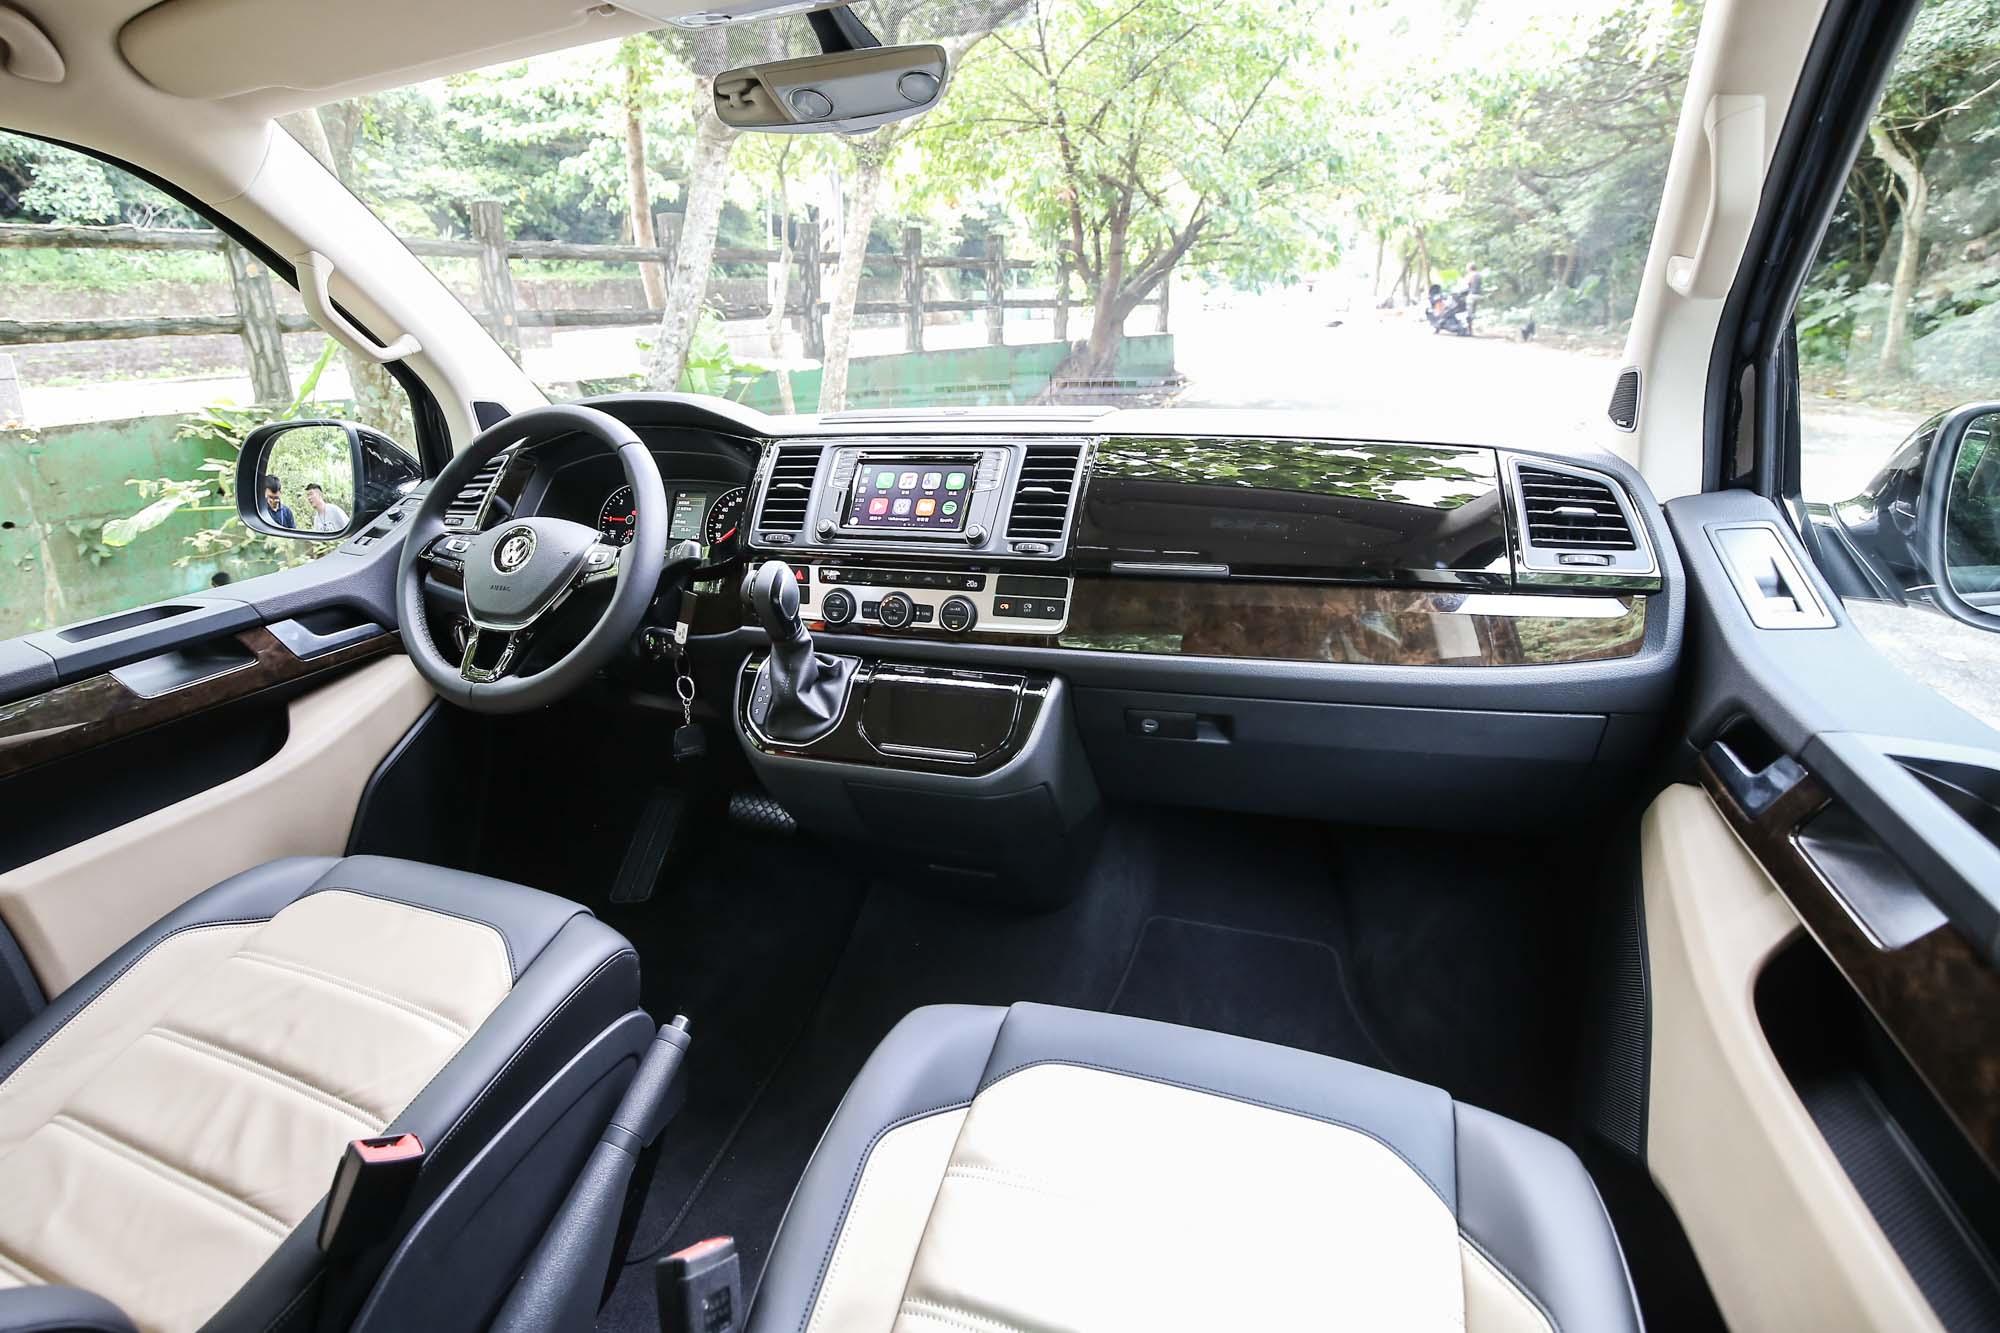 內裝配置大抵與過往車型相同,試駕車型為 Multivan Highline。